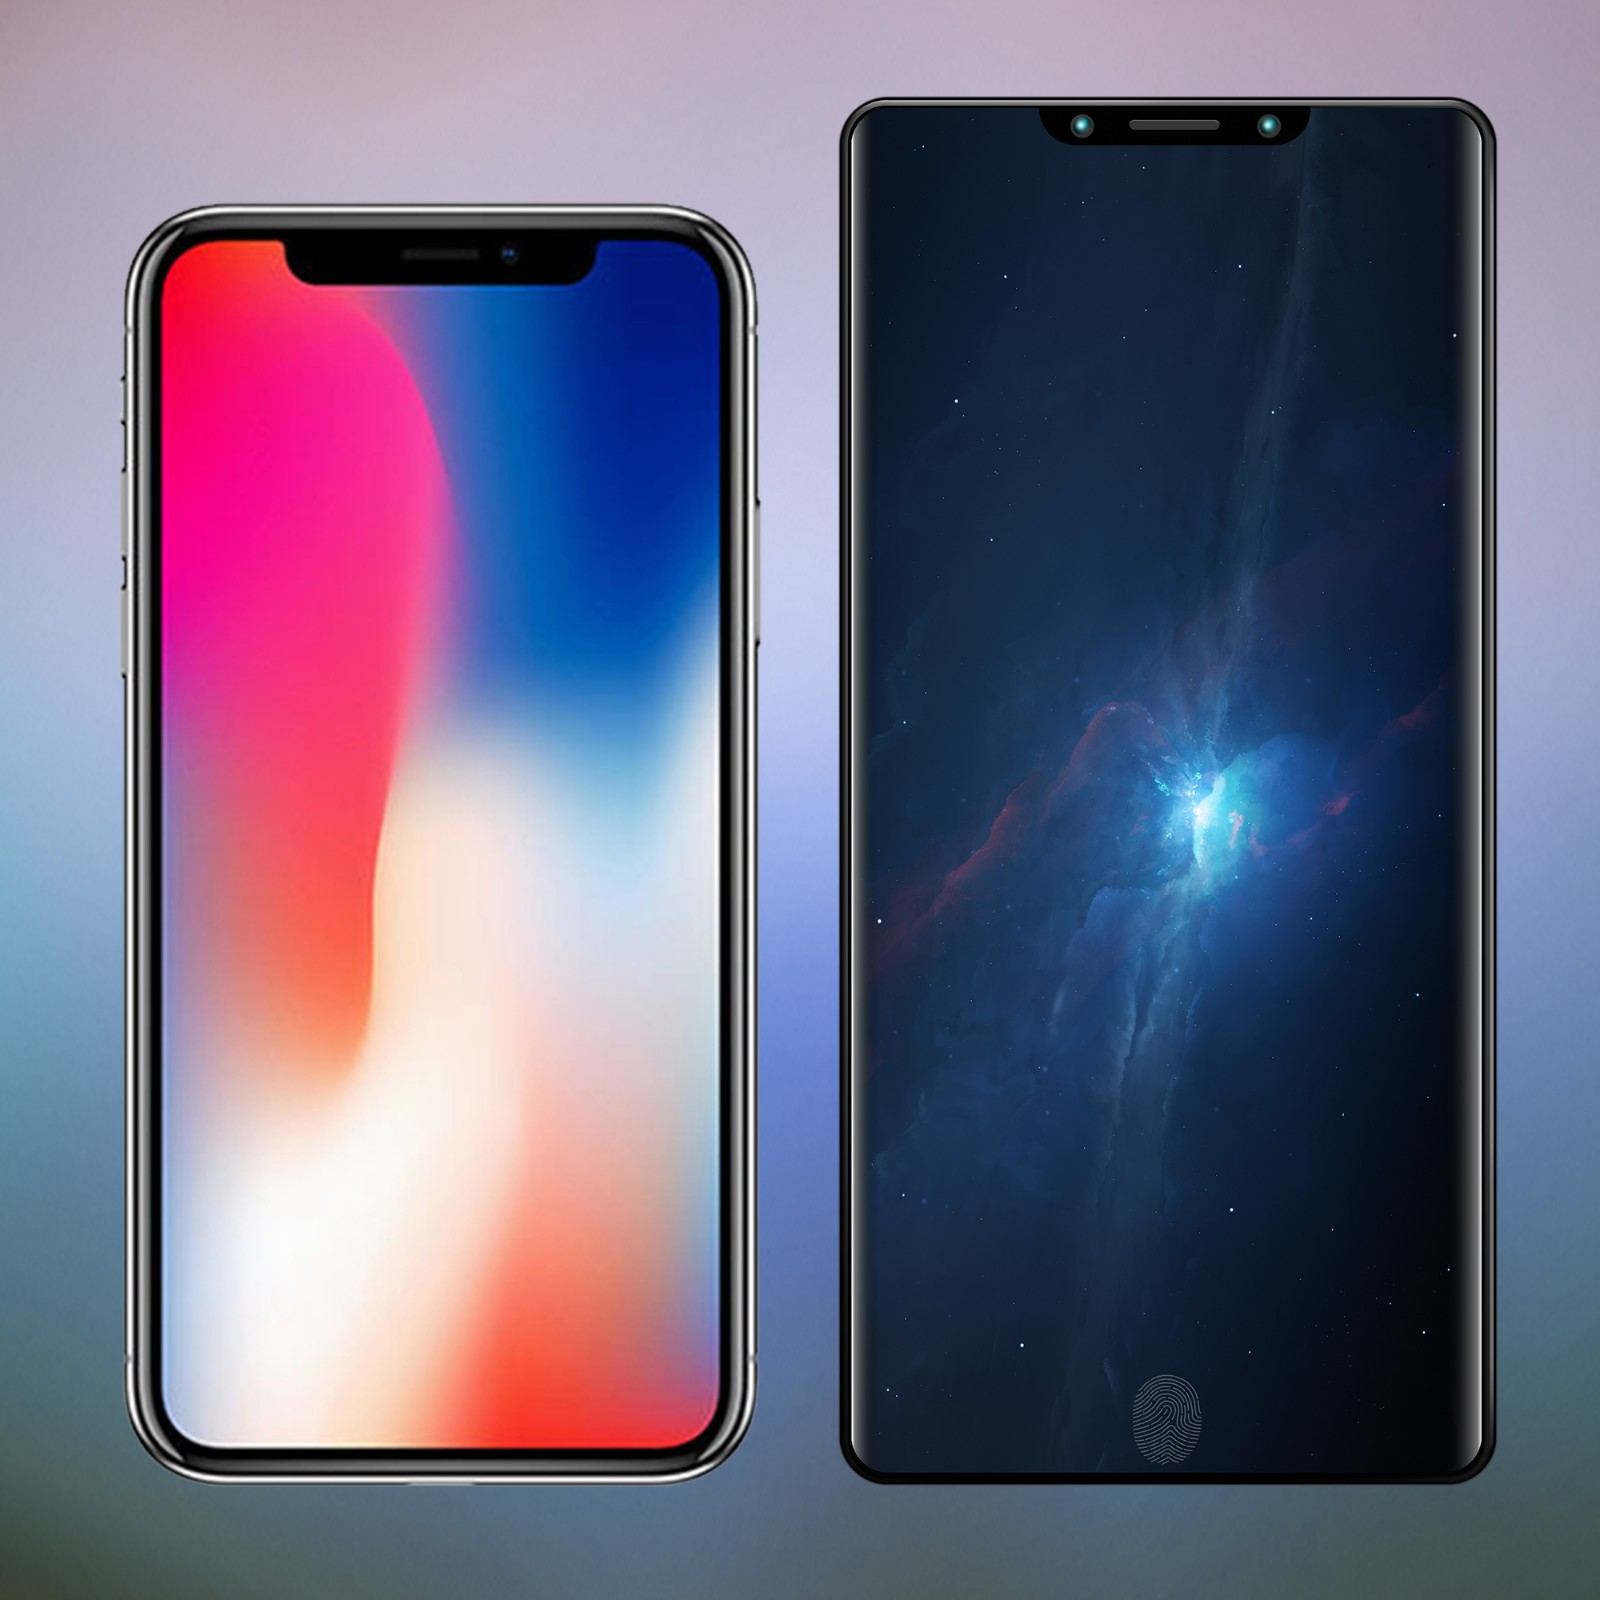 刘海屏!概念版索尼xz2s对比iphone x图片